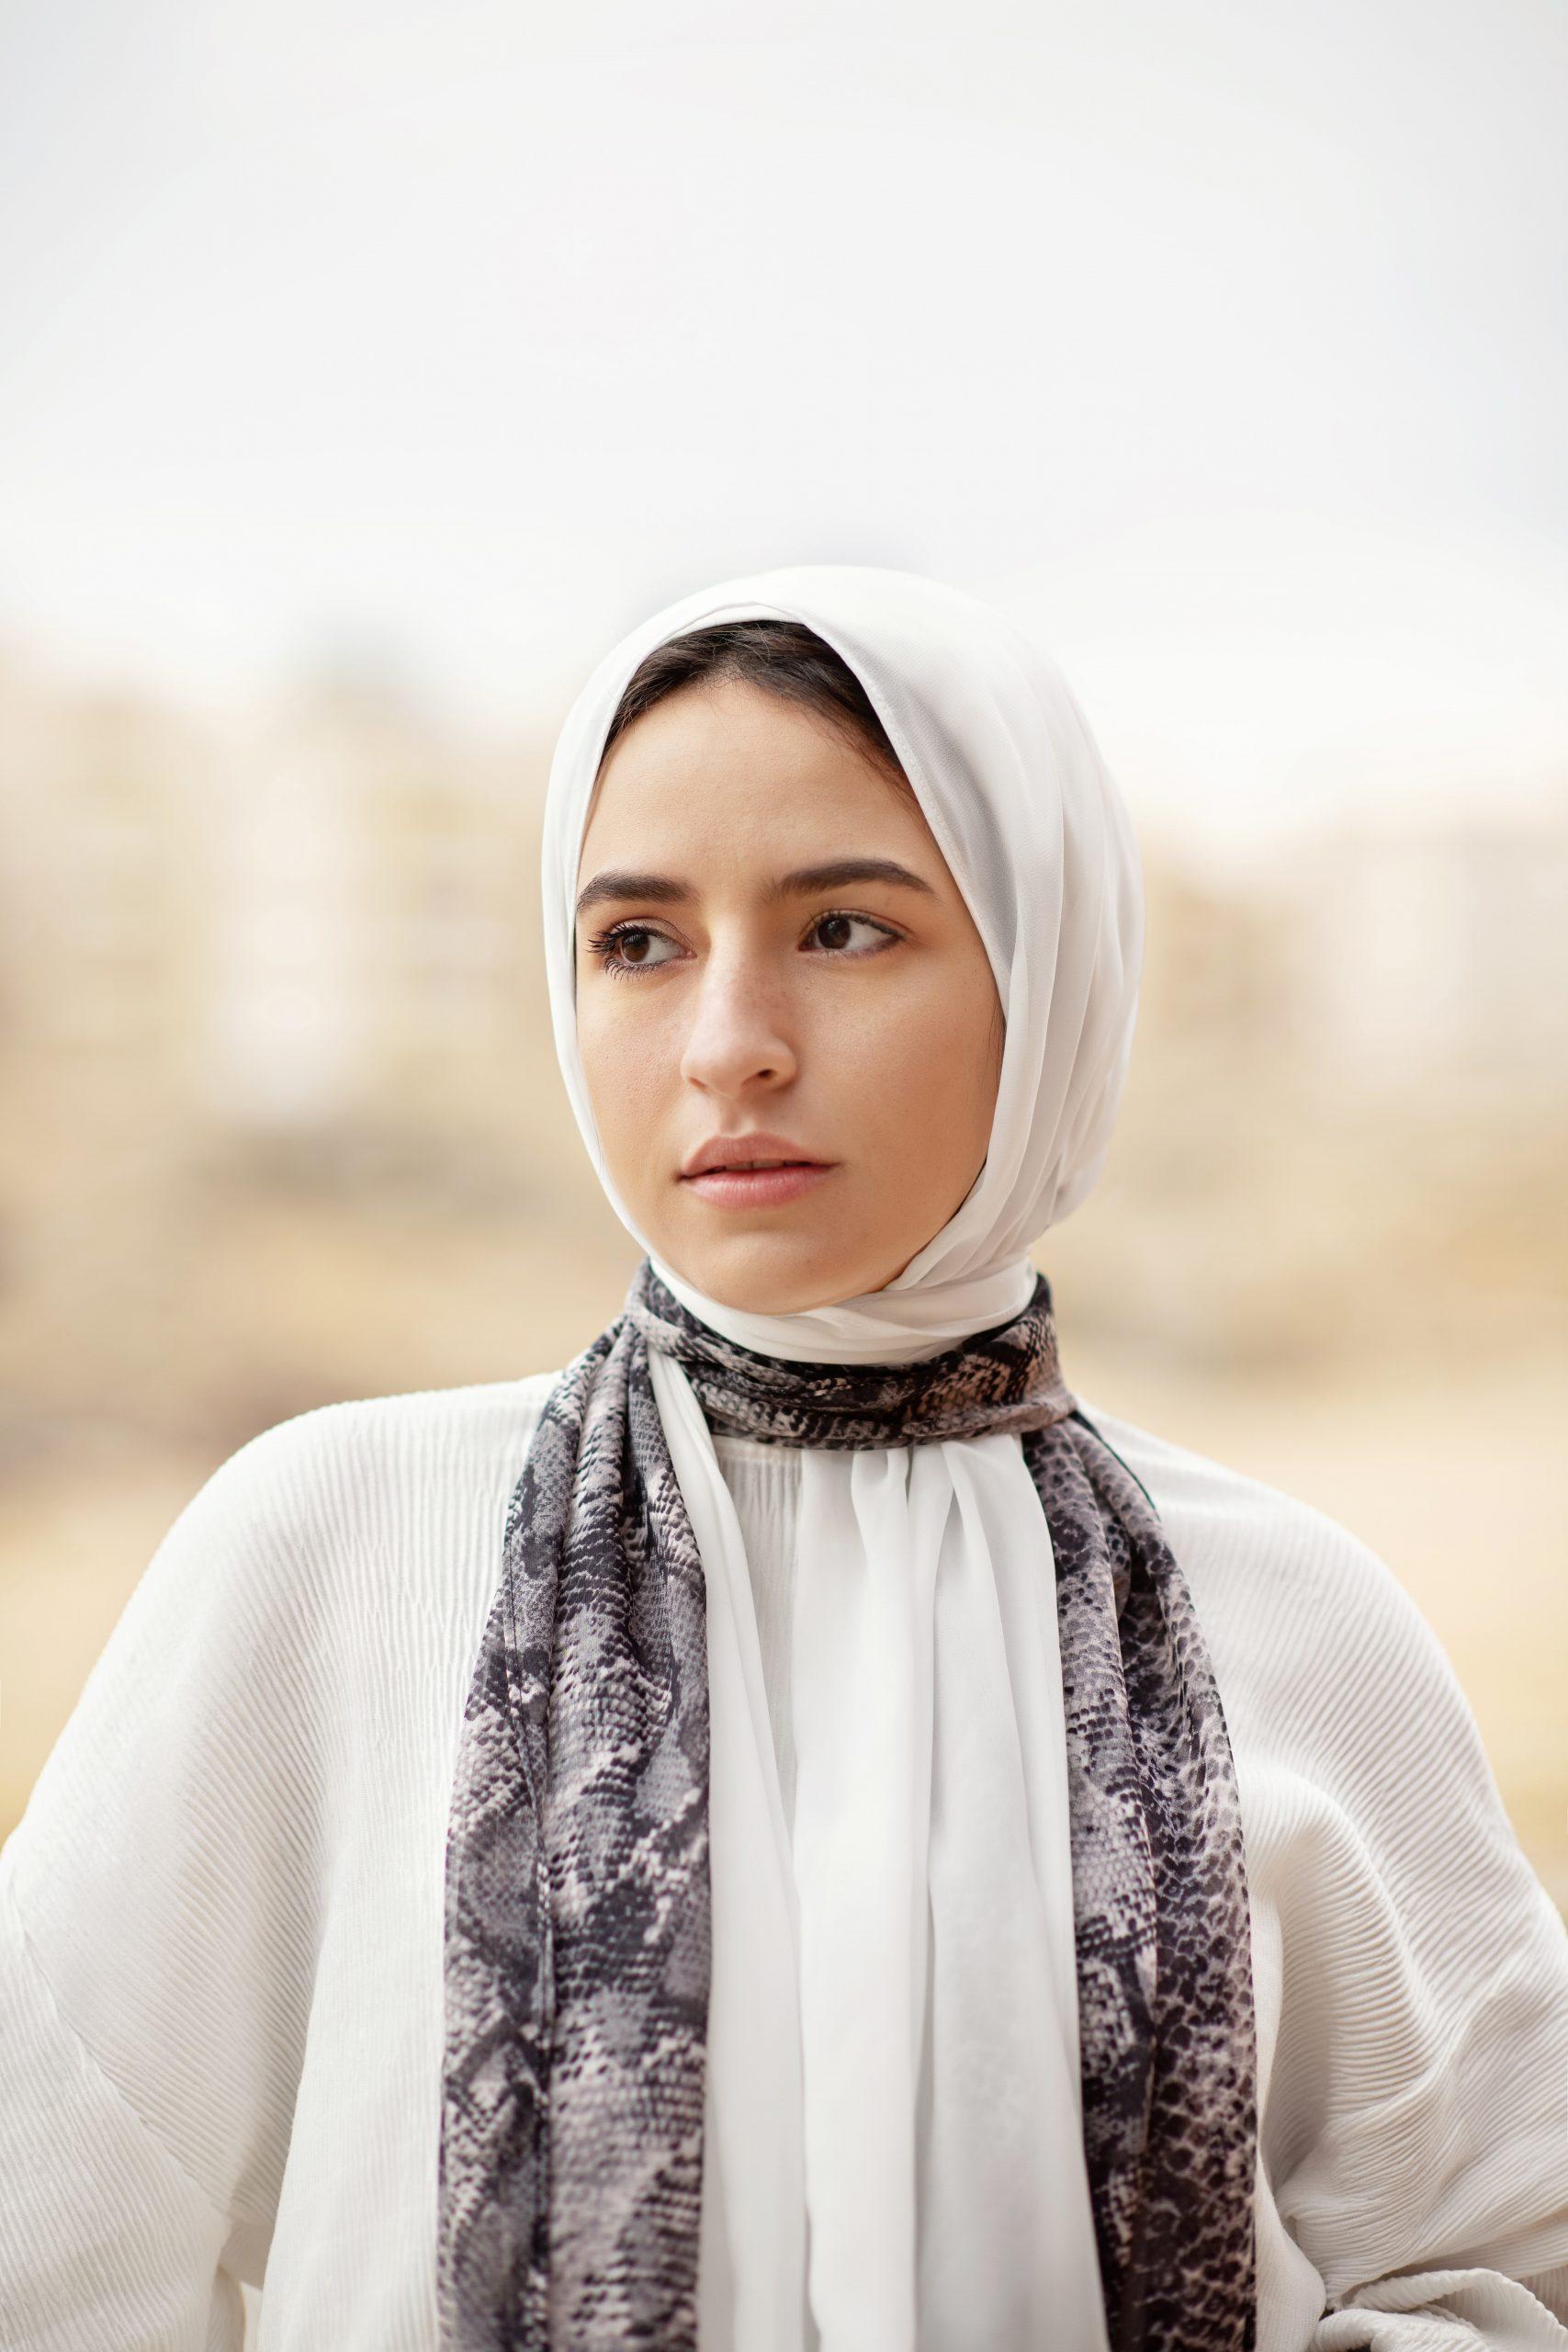 13 Sifat Wanita Muslimah Terbaik Yang Harus Diketahui - Dunia Wanita